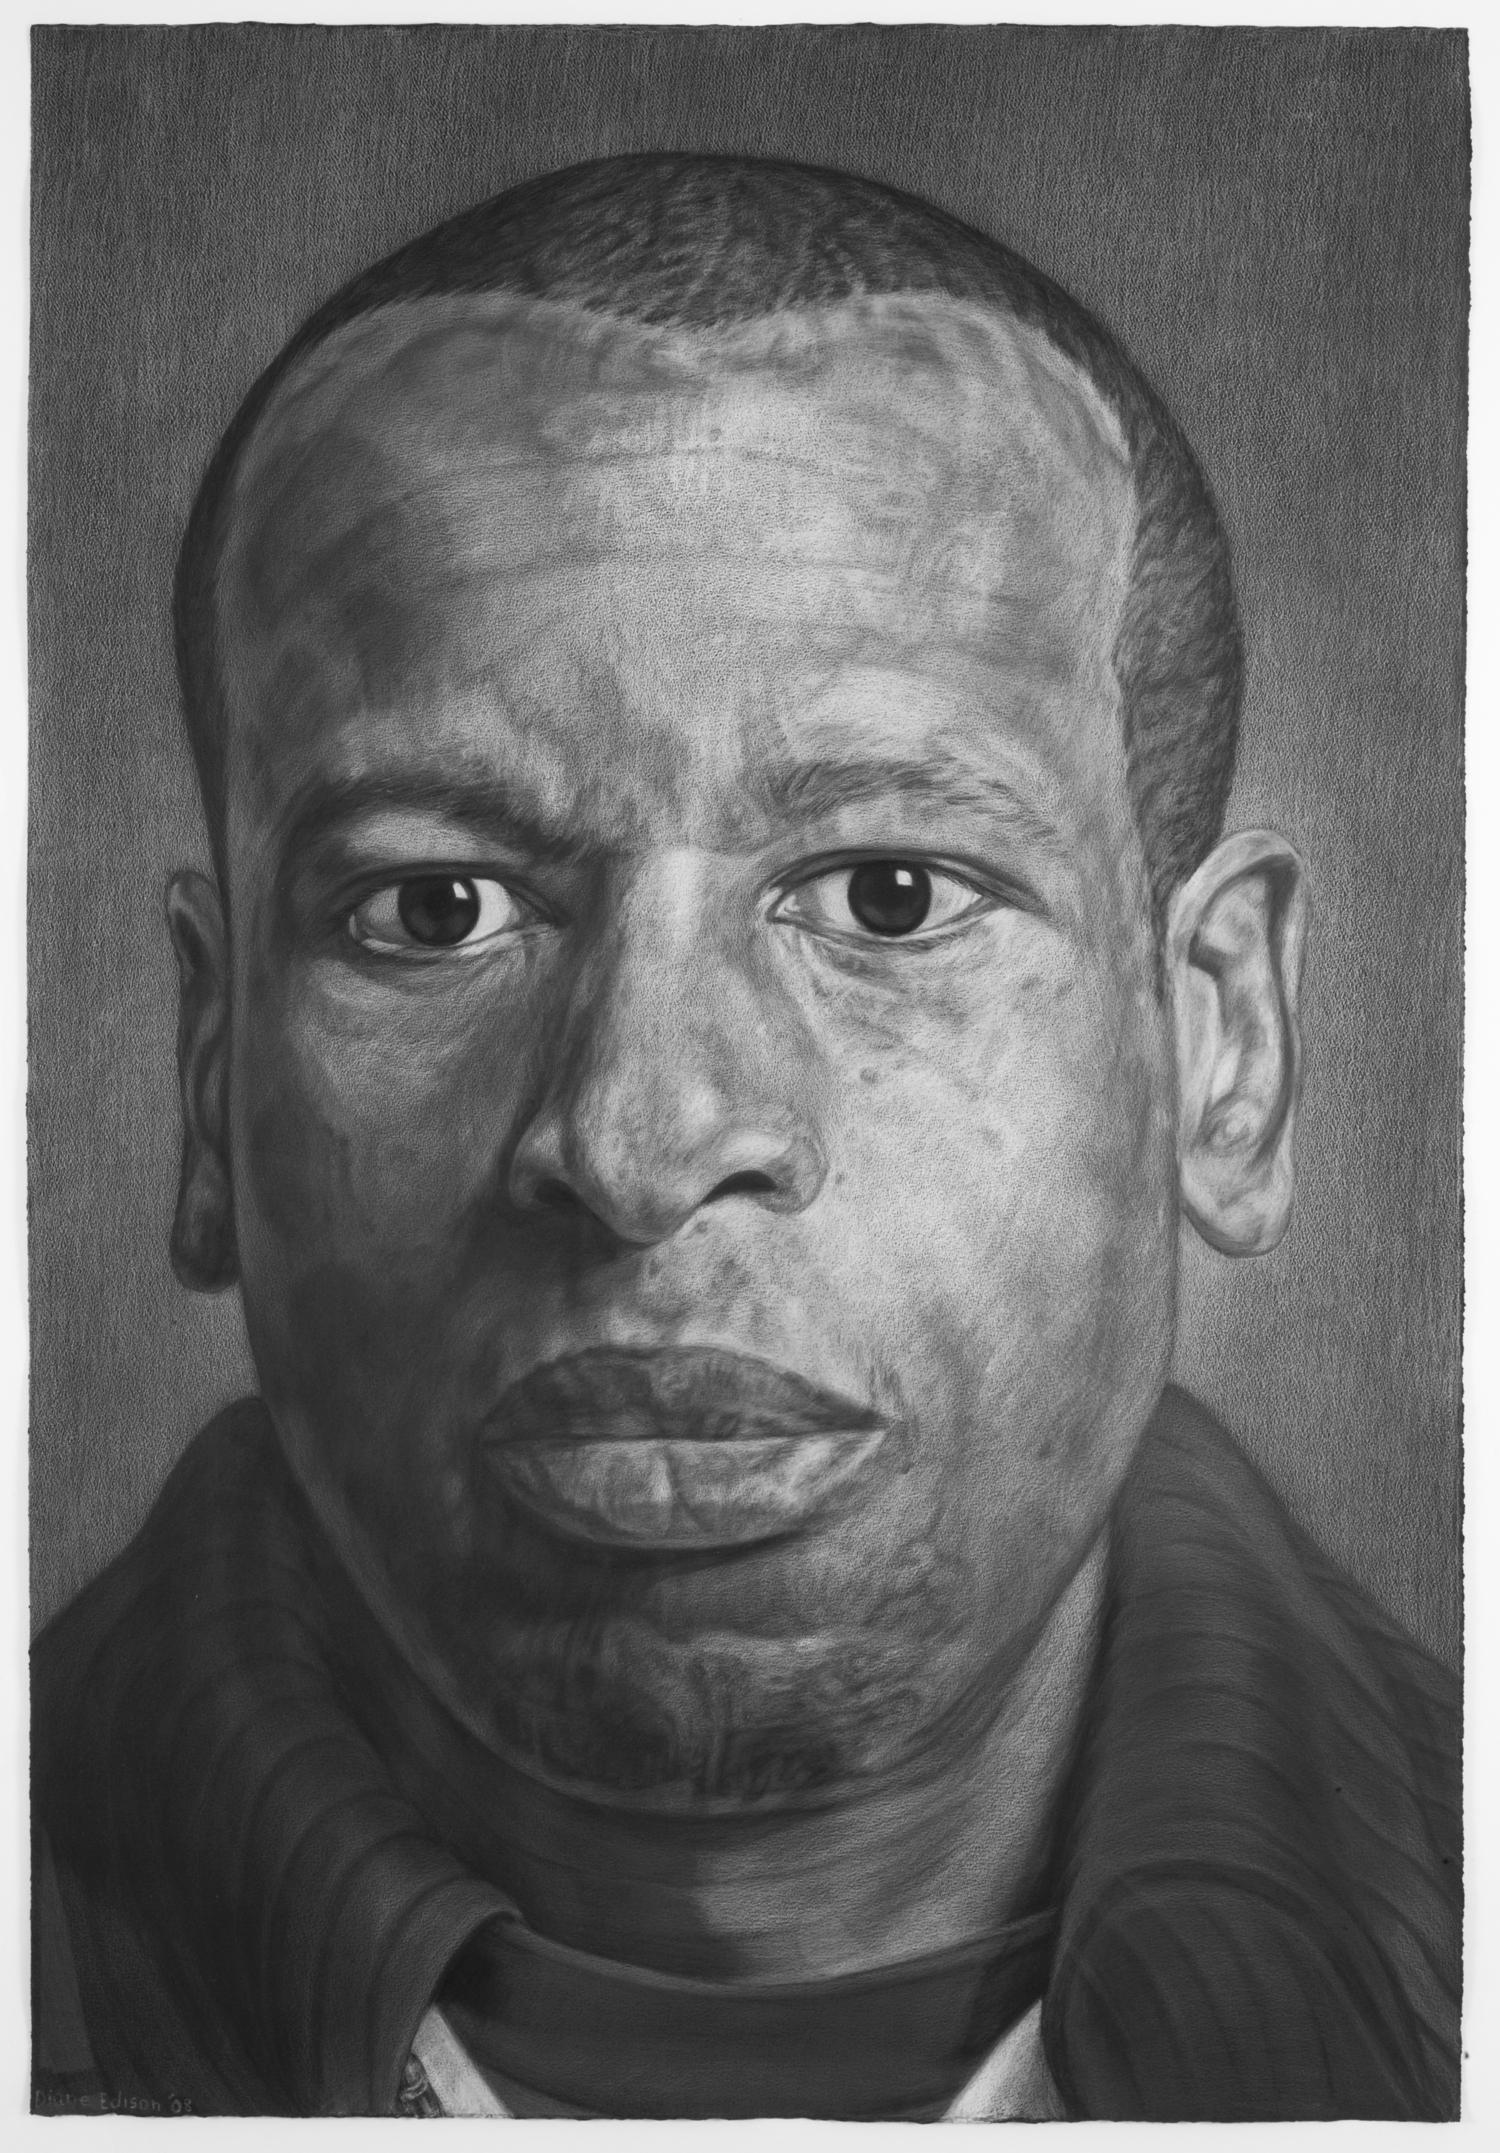 Sur Rodney Sur, gray color pencil on black paper